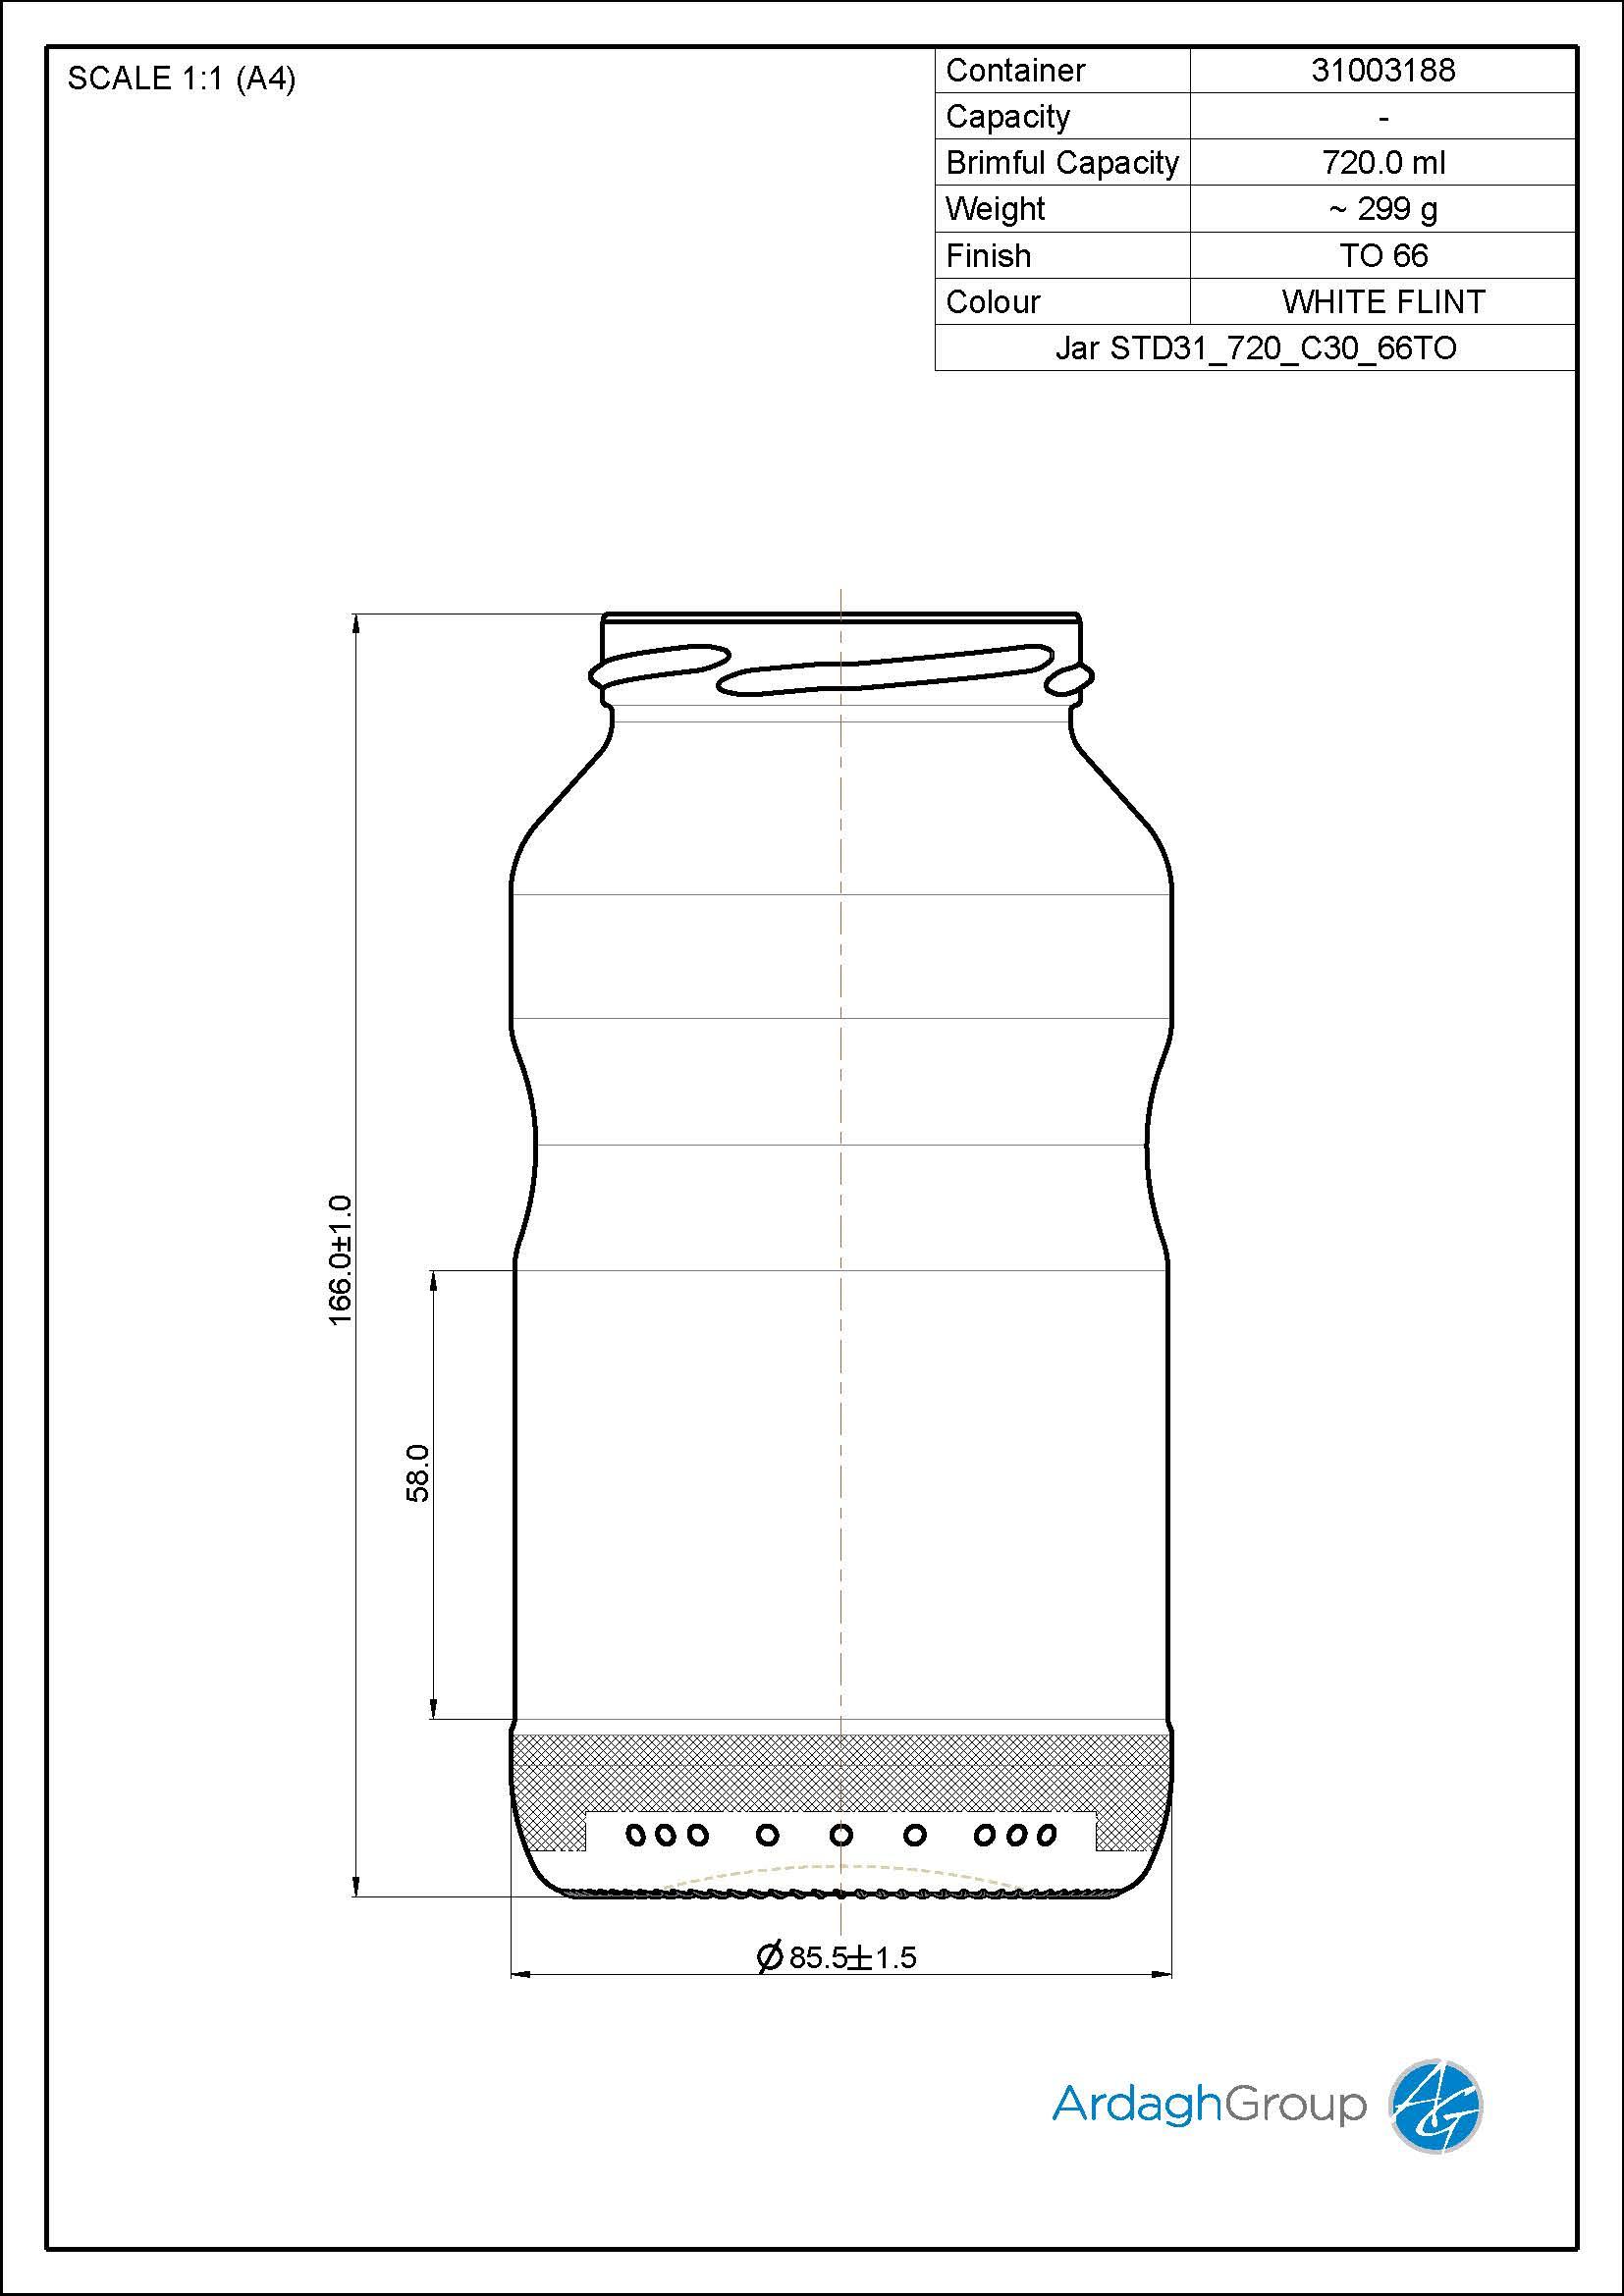 720ml Flint Glass Food Jar 31003188